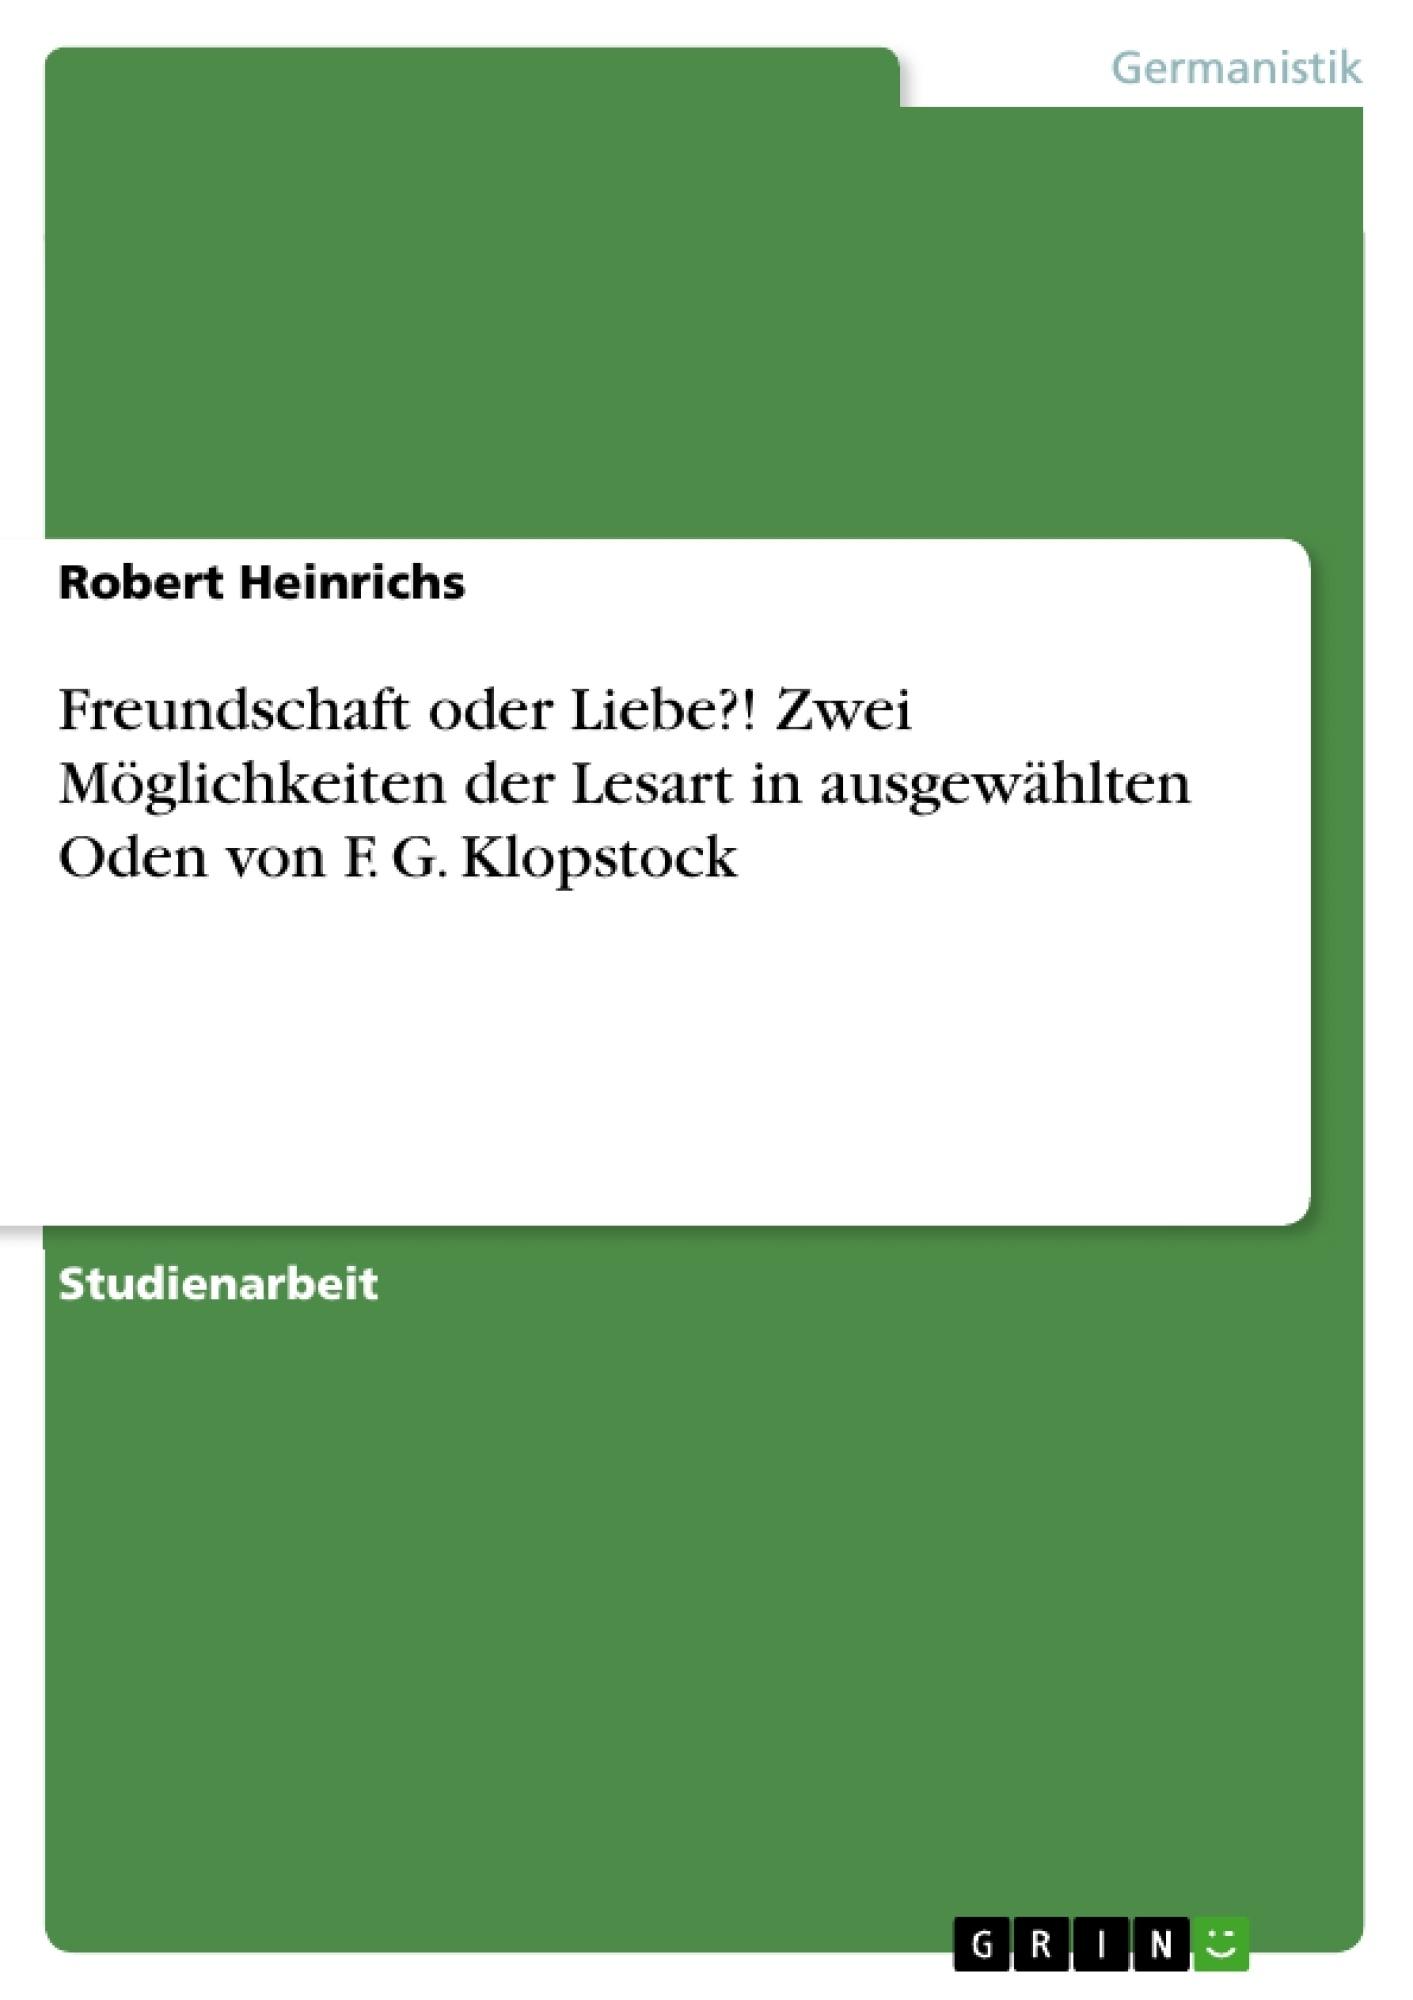 Titel: Freundschaft oder Liebe?!  Zwei Möglichkeiten der Lesart in ausgewählten Oden von F. G. Klopstock